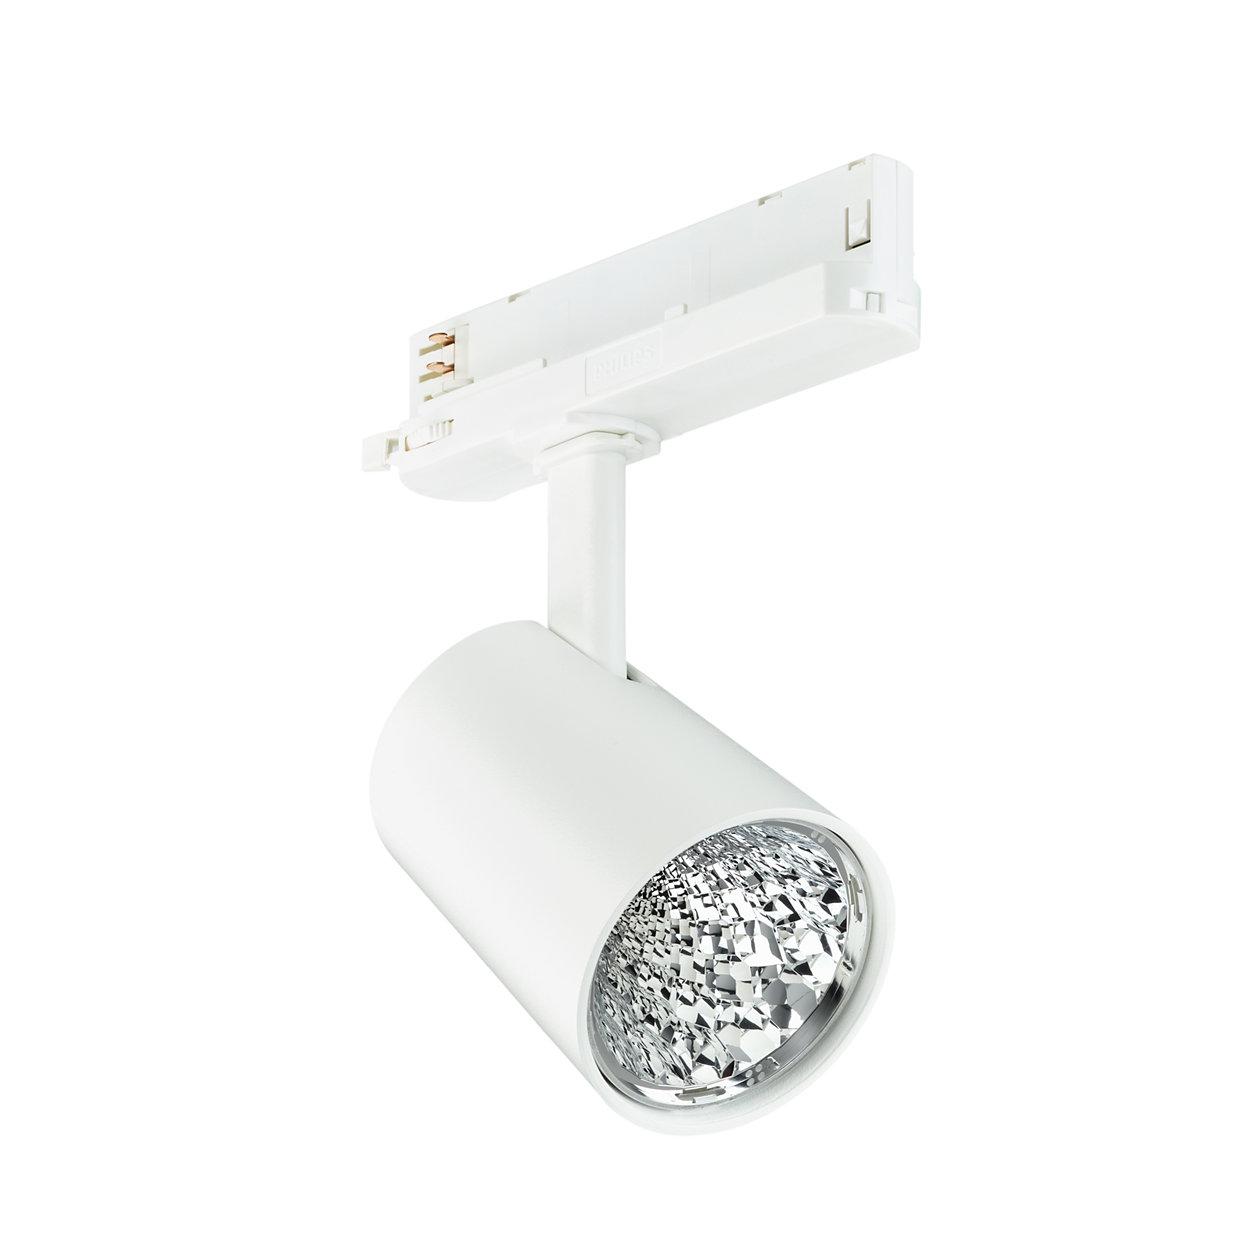 Kompakt LED-spot